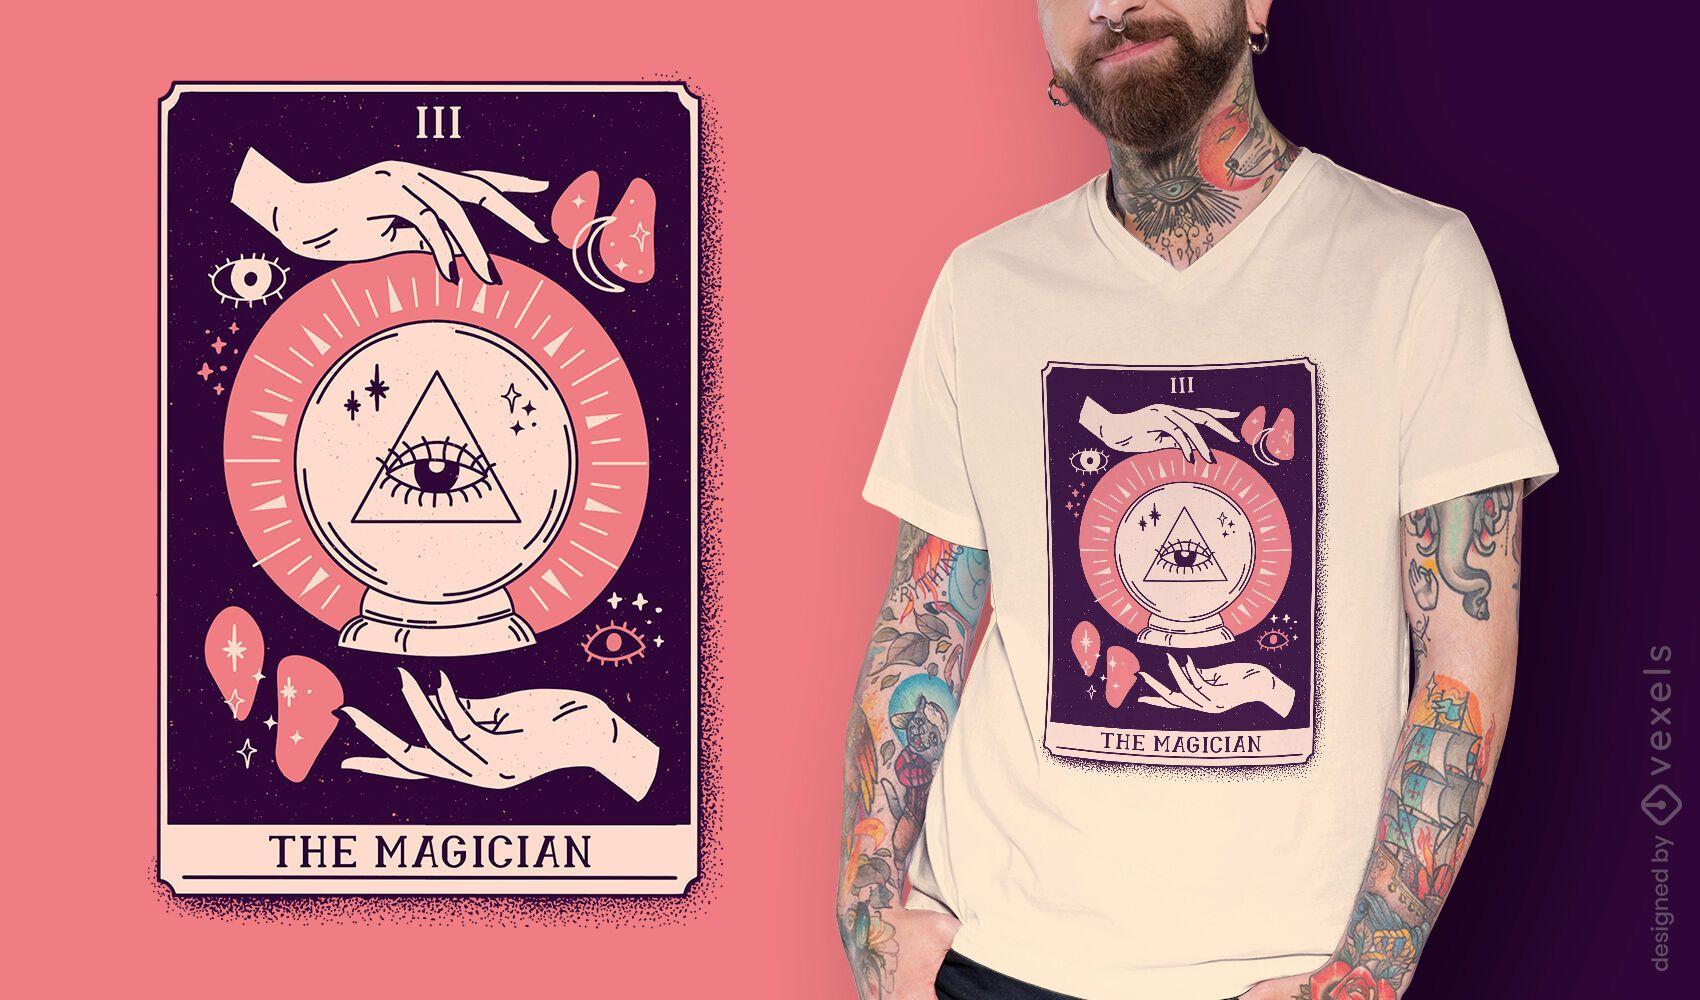 Dise?o de camiseta de mago m?stico tarot card